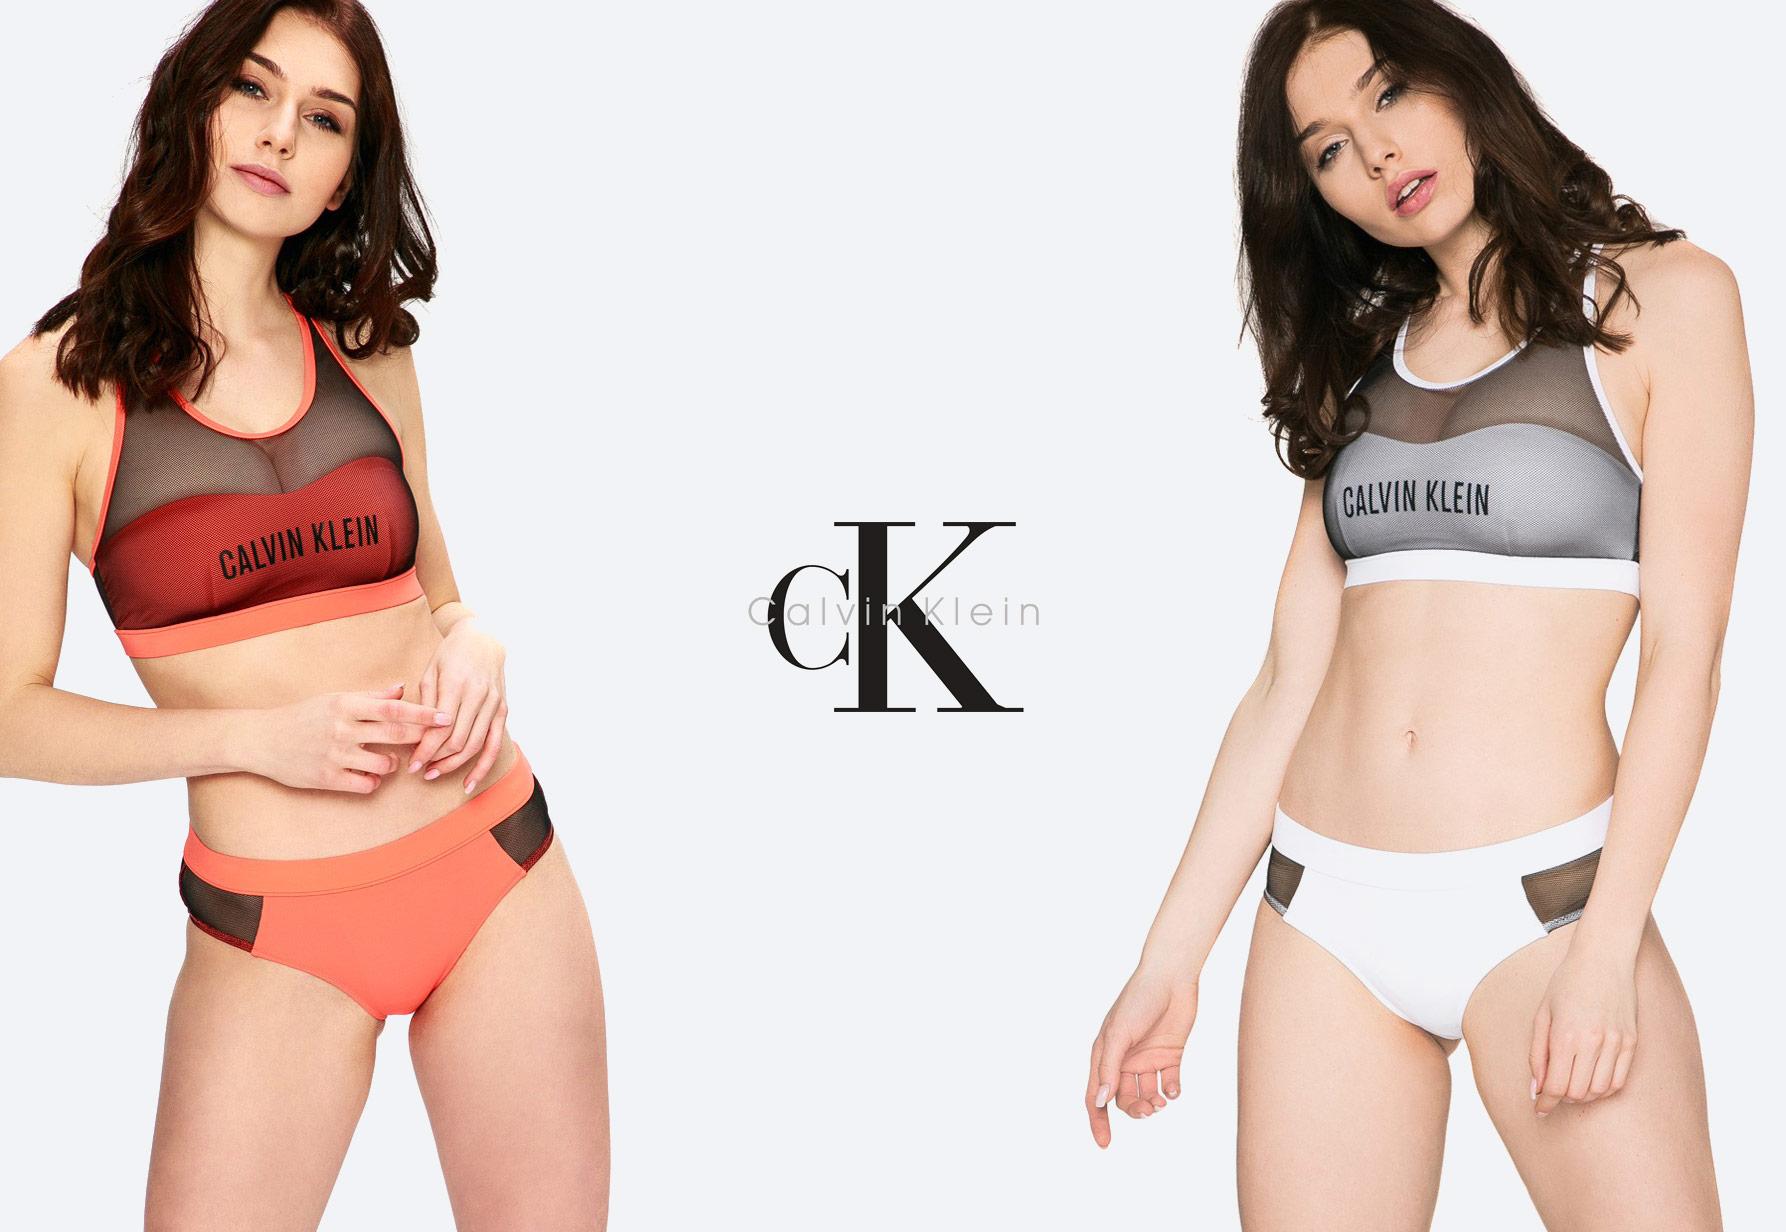 Dámské plavky Calvin Klein — dvoudílné — push up — oranžové, bílé